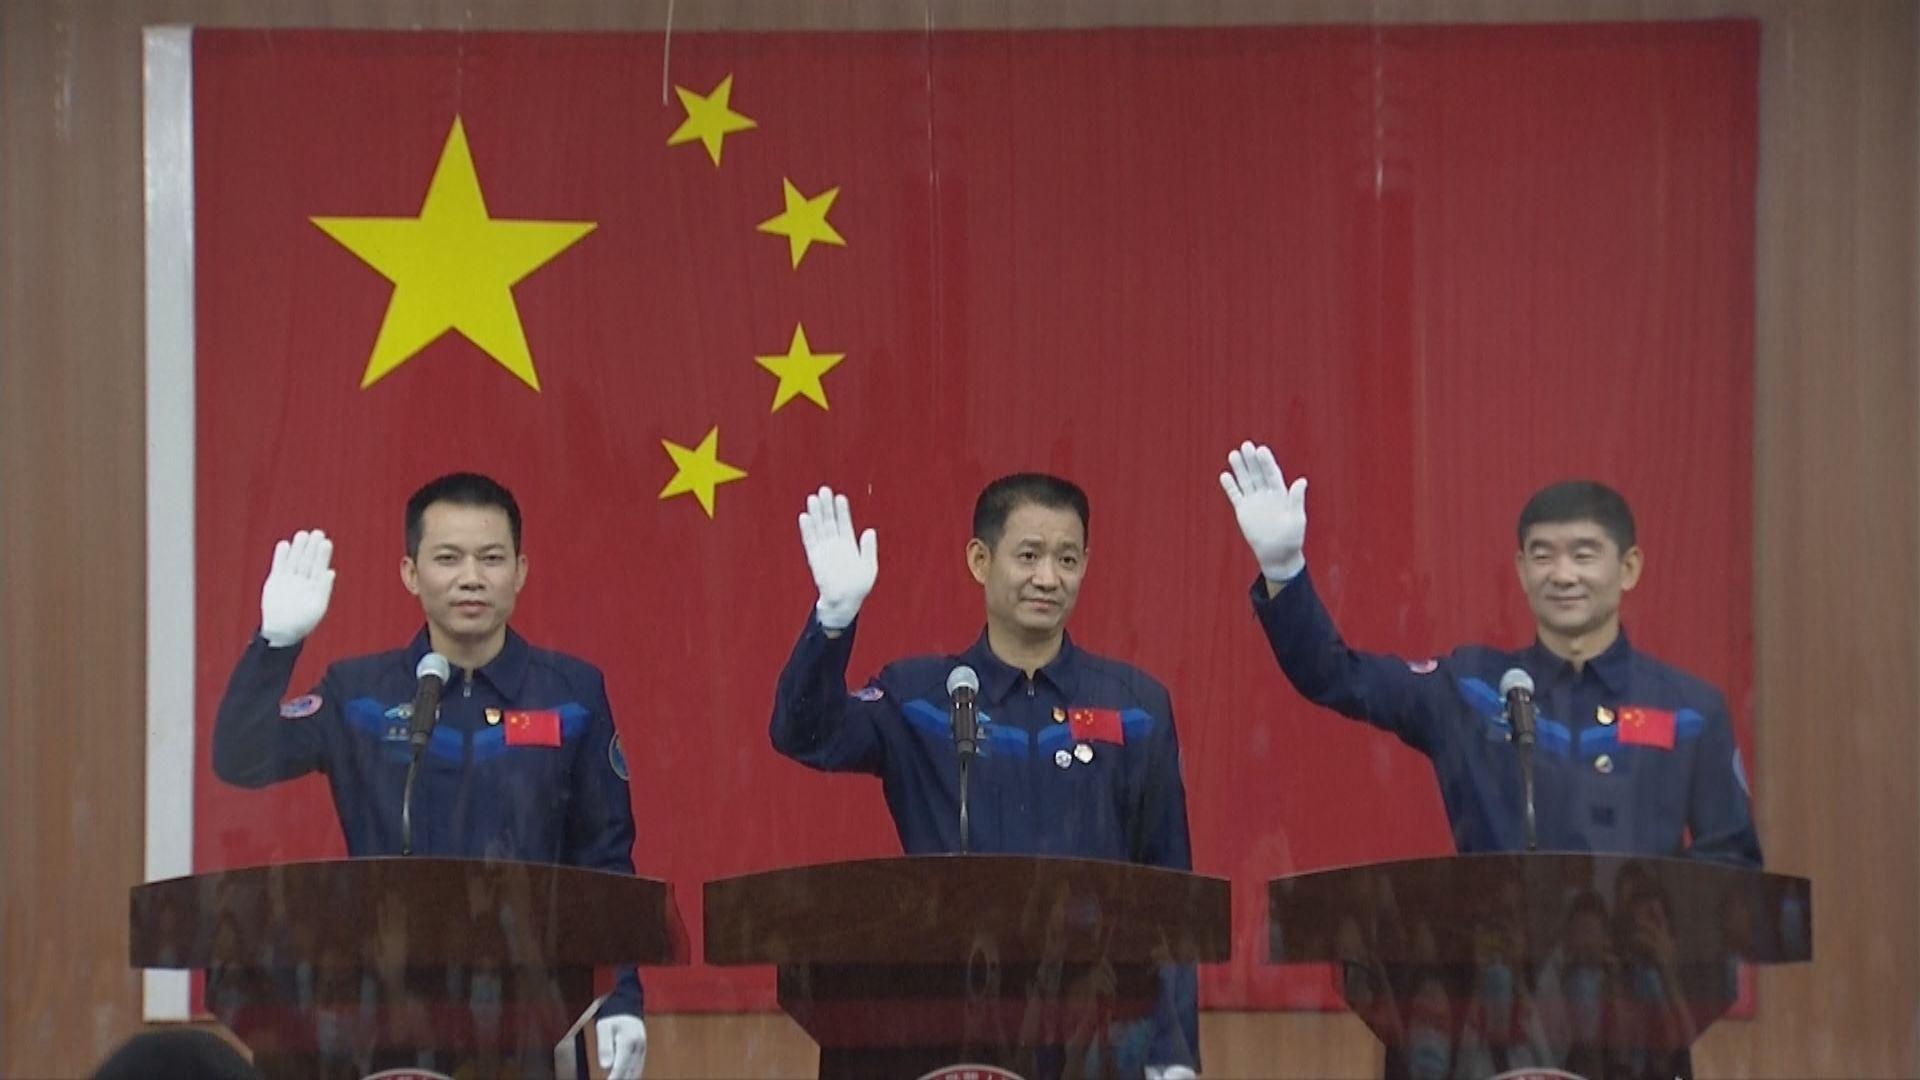 神舟十二號明早升空 三名太空人「以舊帶新」執行任務